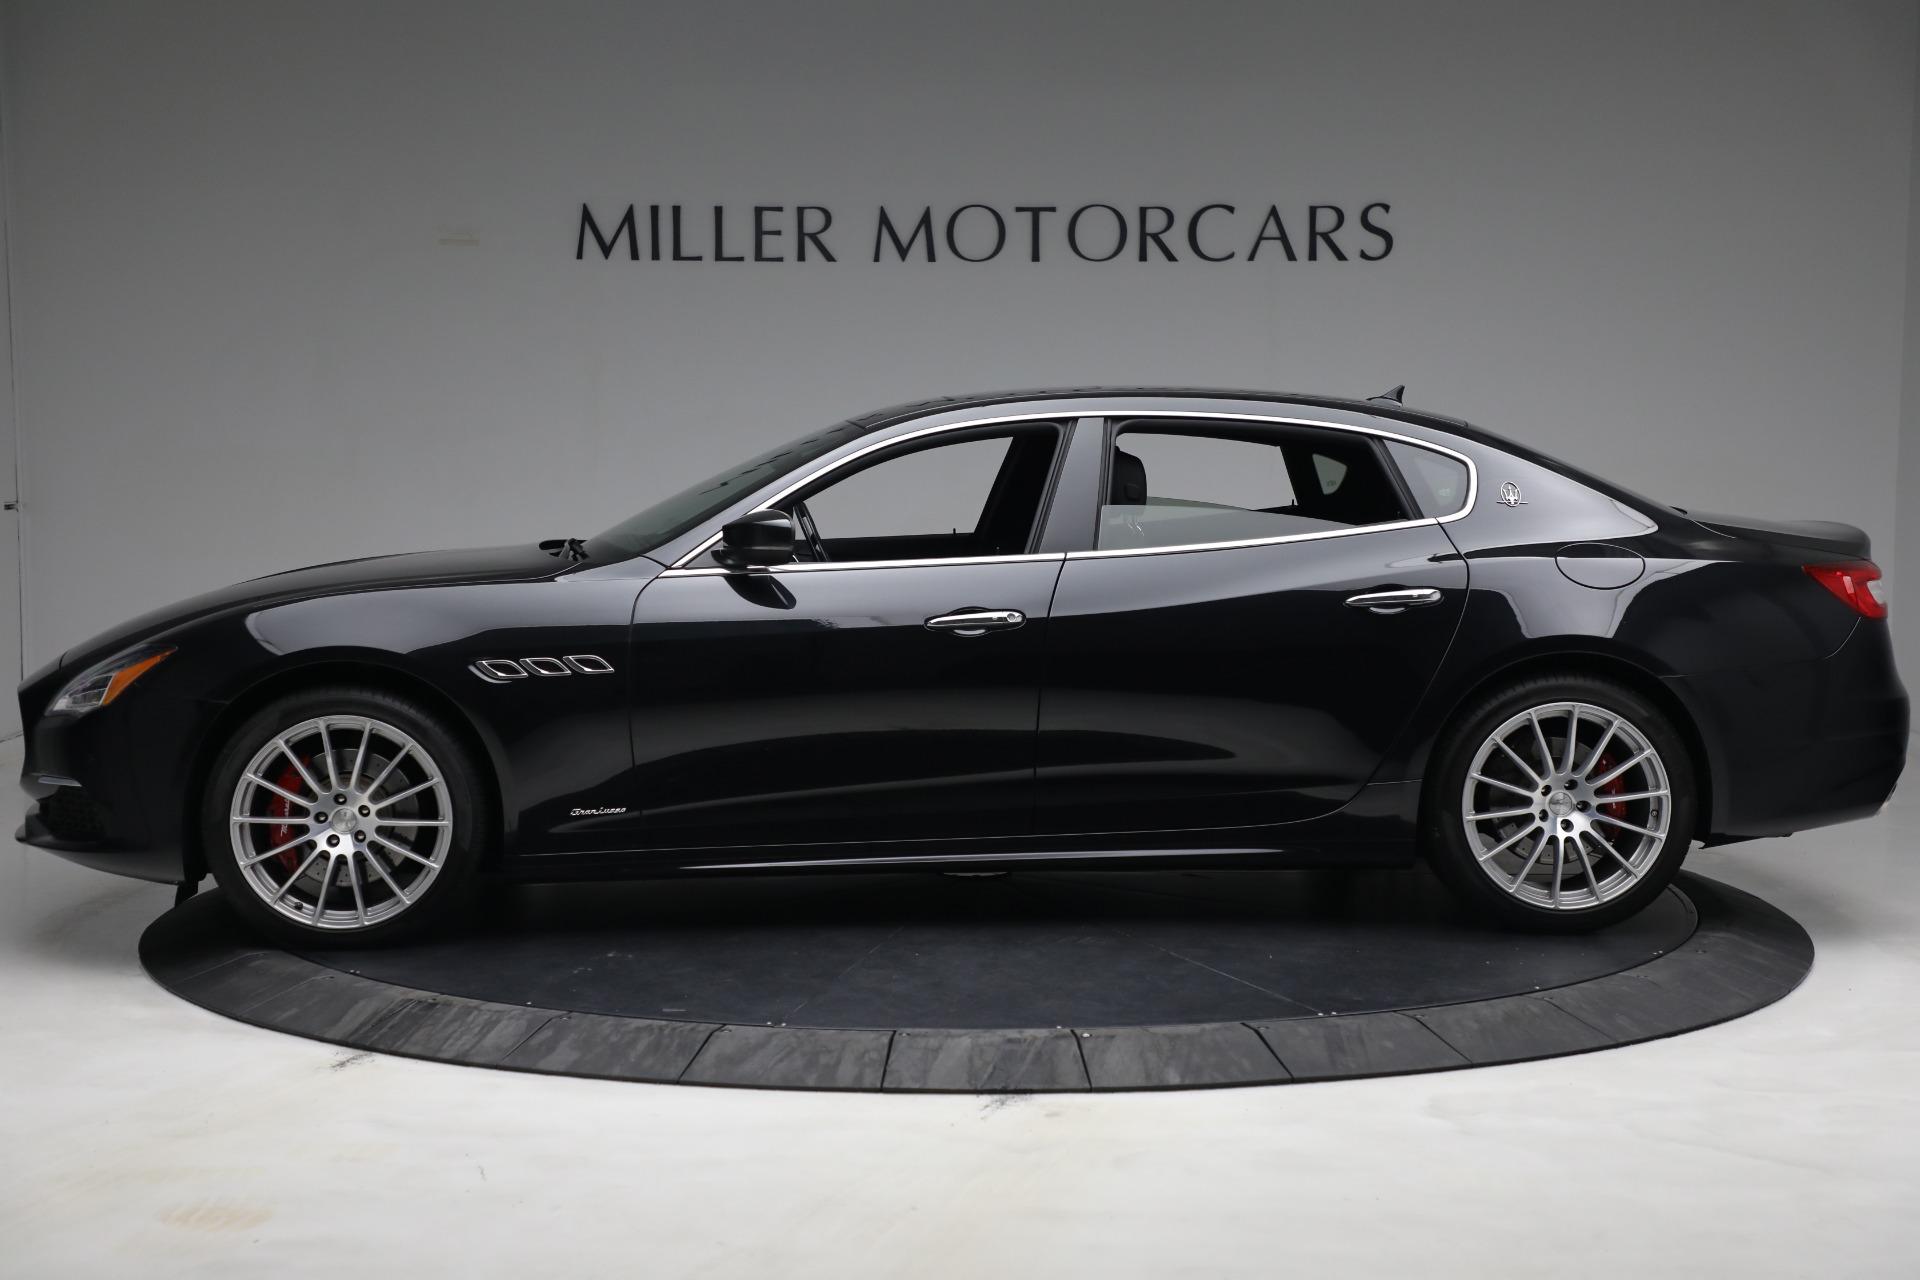 New 2019 Maserati Quattroporte S Q4 GranLusso For Sale In Greenwich, CT. Alfa Romeo of Greenwich, M2197 2619_p3